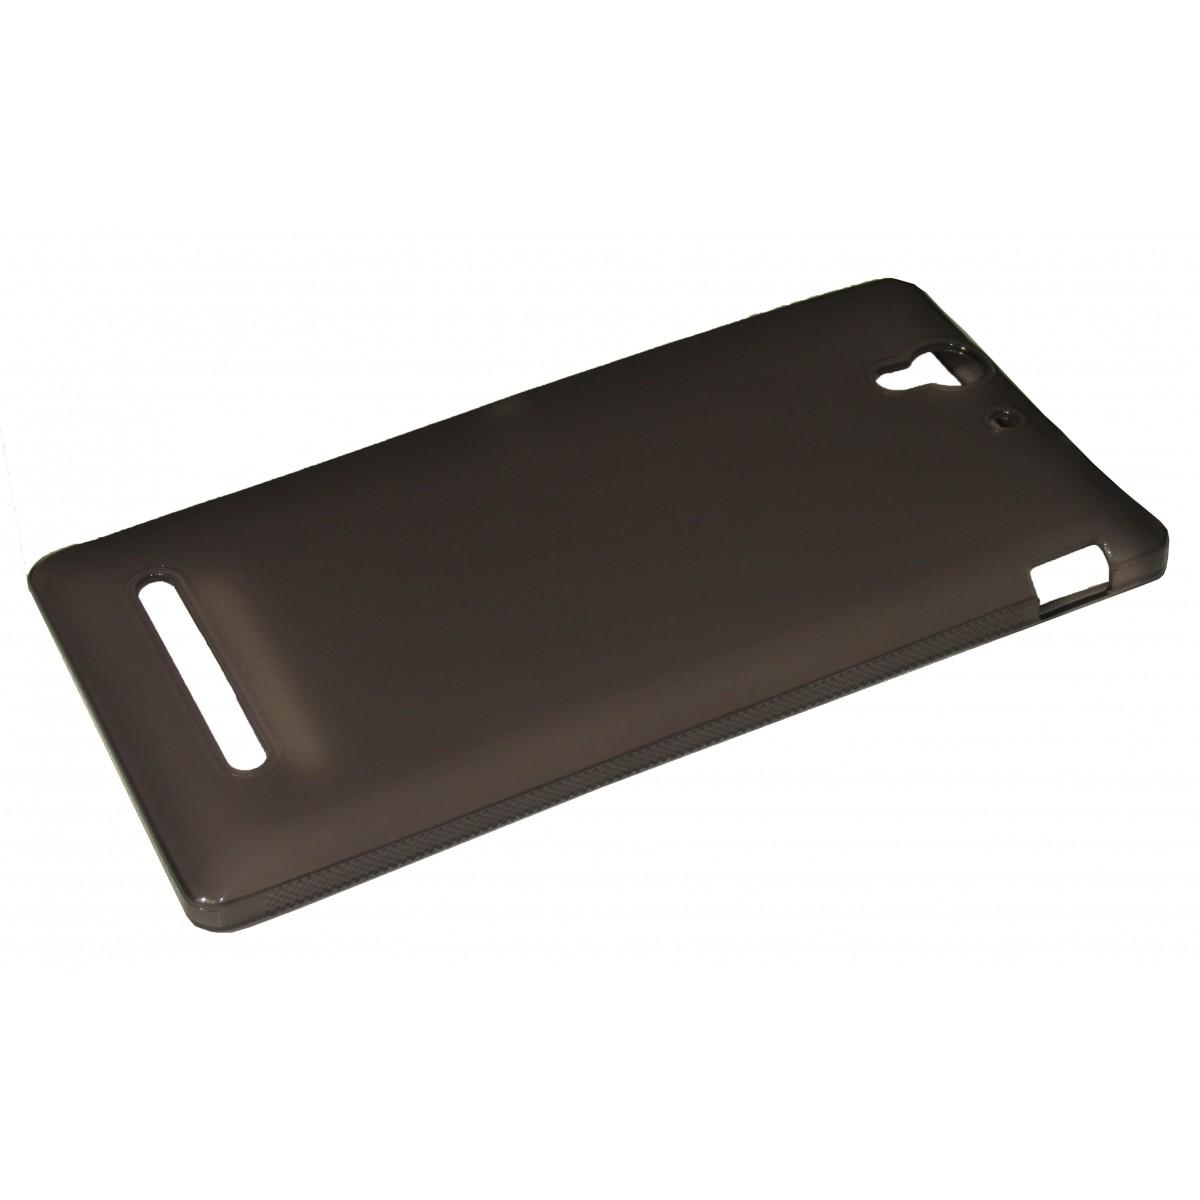 Capa TPU Grafite Sony Xperia C3 D2533 D2502